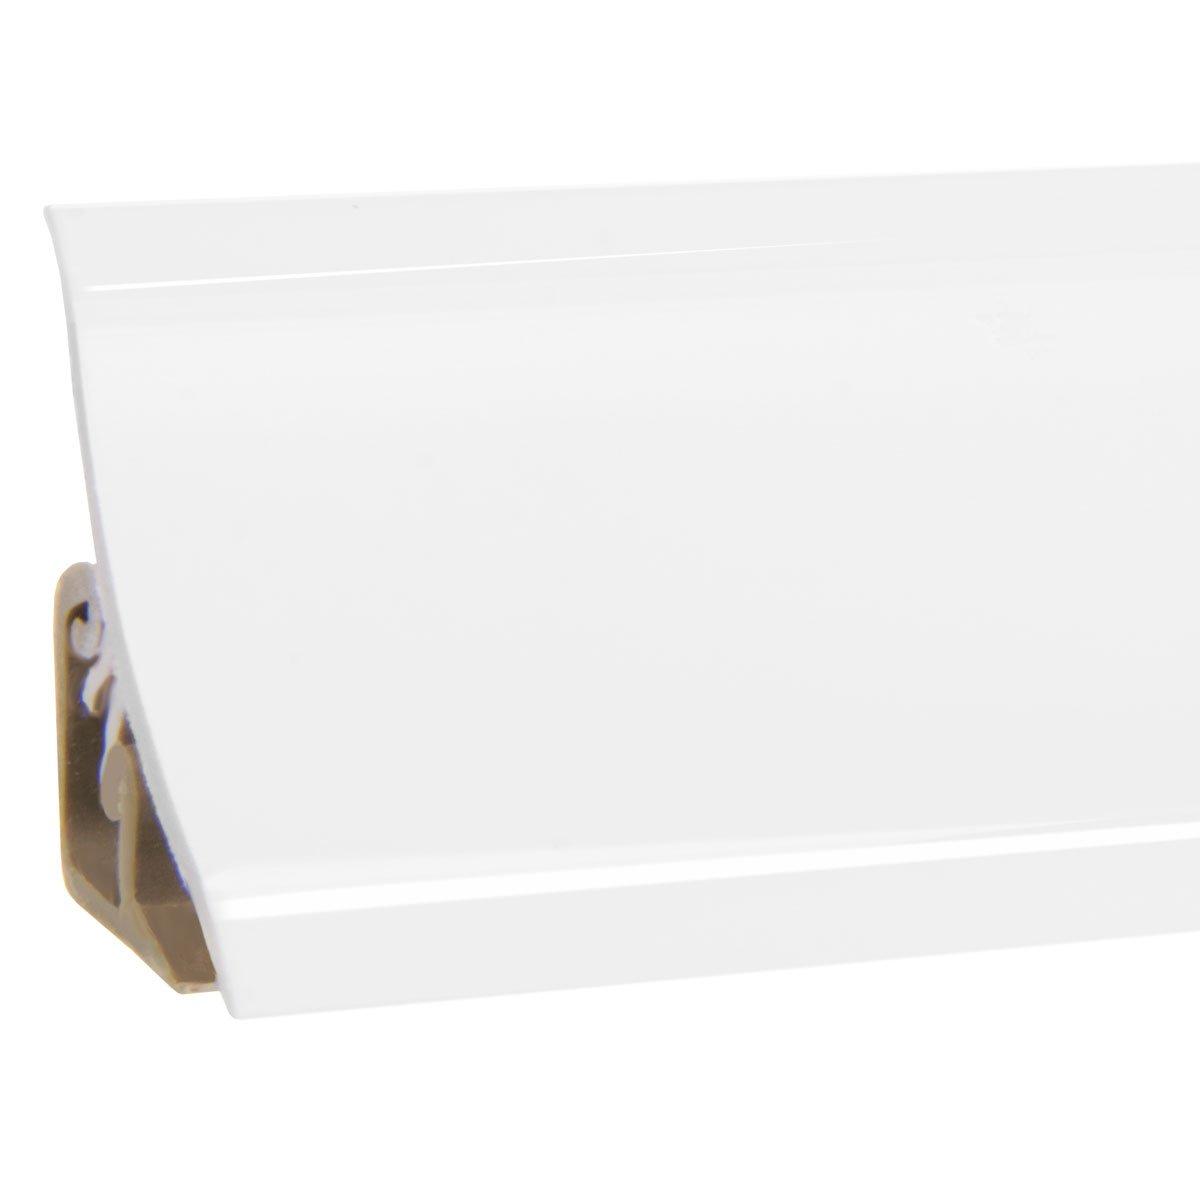 HOLZBRINK Au/ßenecke passend zum Dekor Ihrer Abschlussleisten Alu Silber Au/ßenkante PVC K/üchenabschlussleiste 23x23 mm